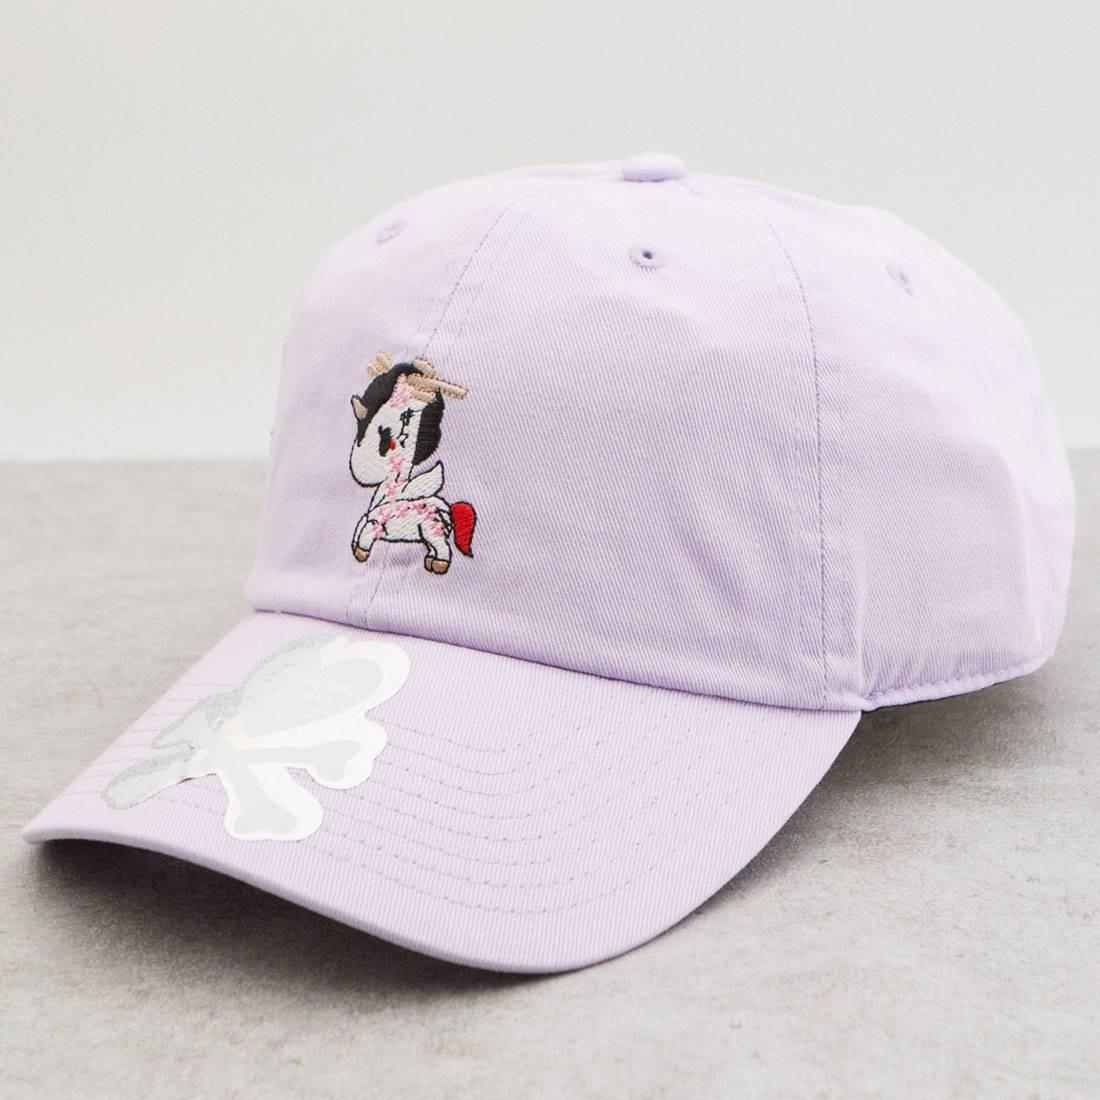 Tokidoki Sakura Dad Hat (purple / lavender)